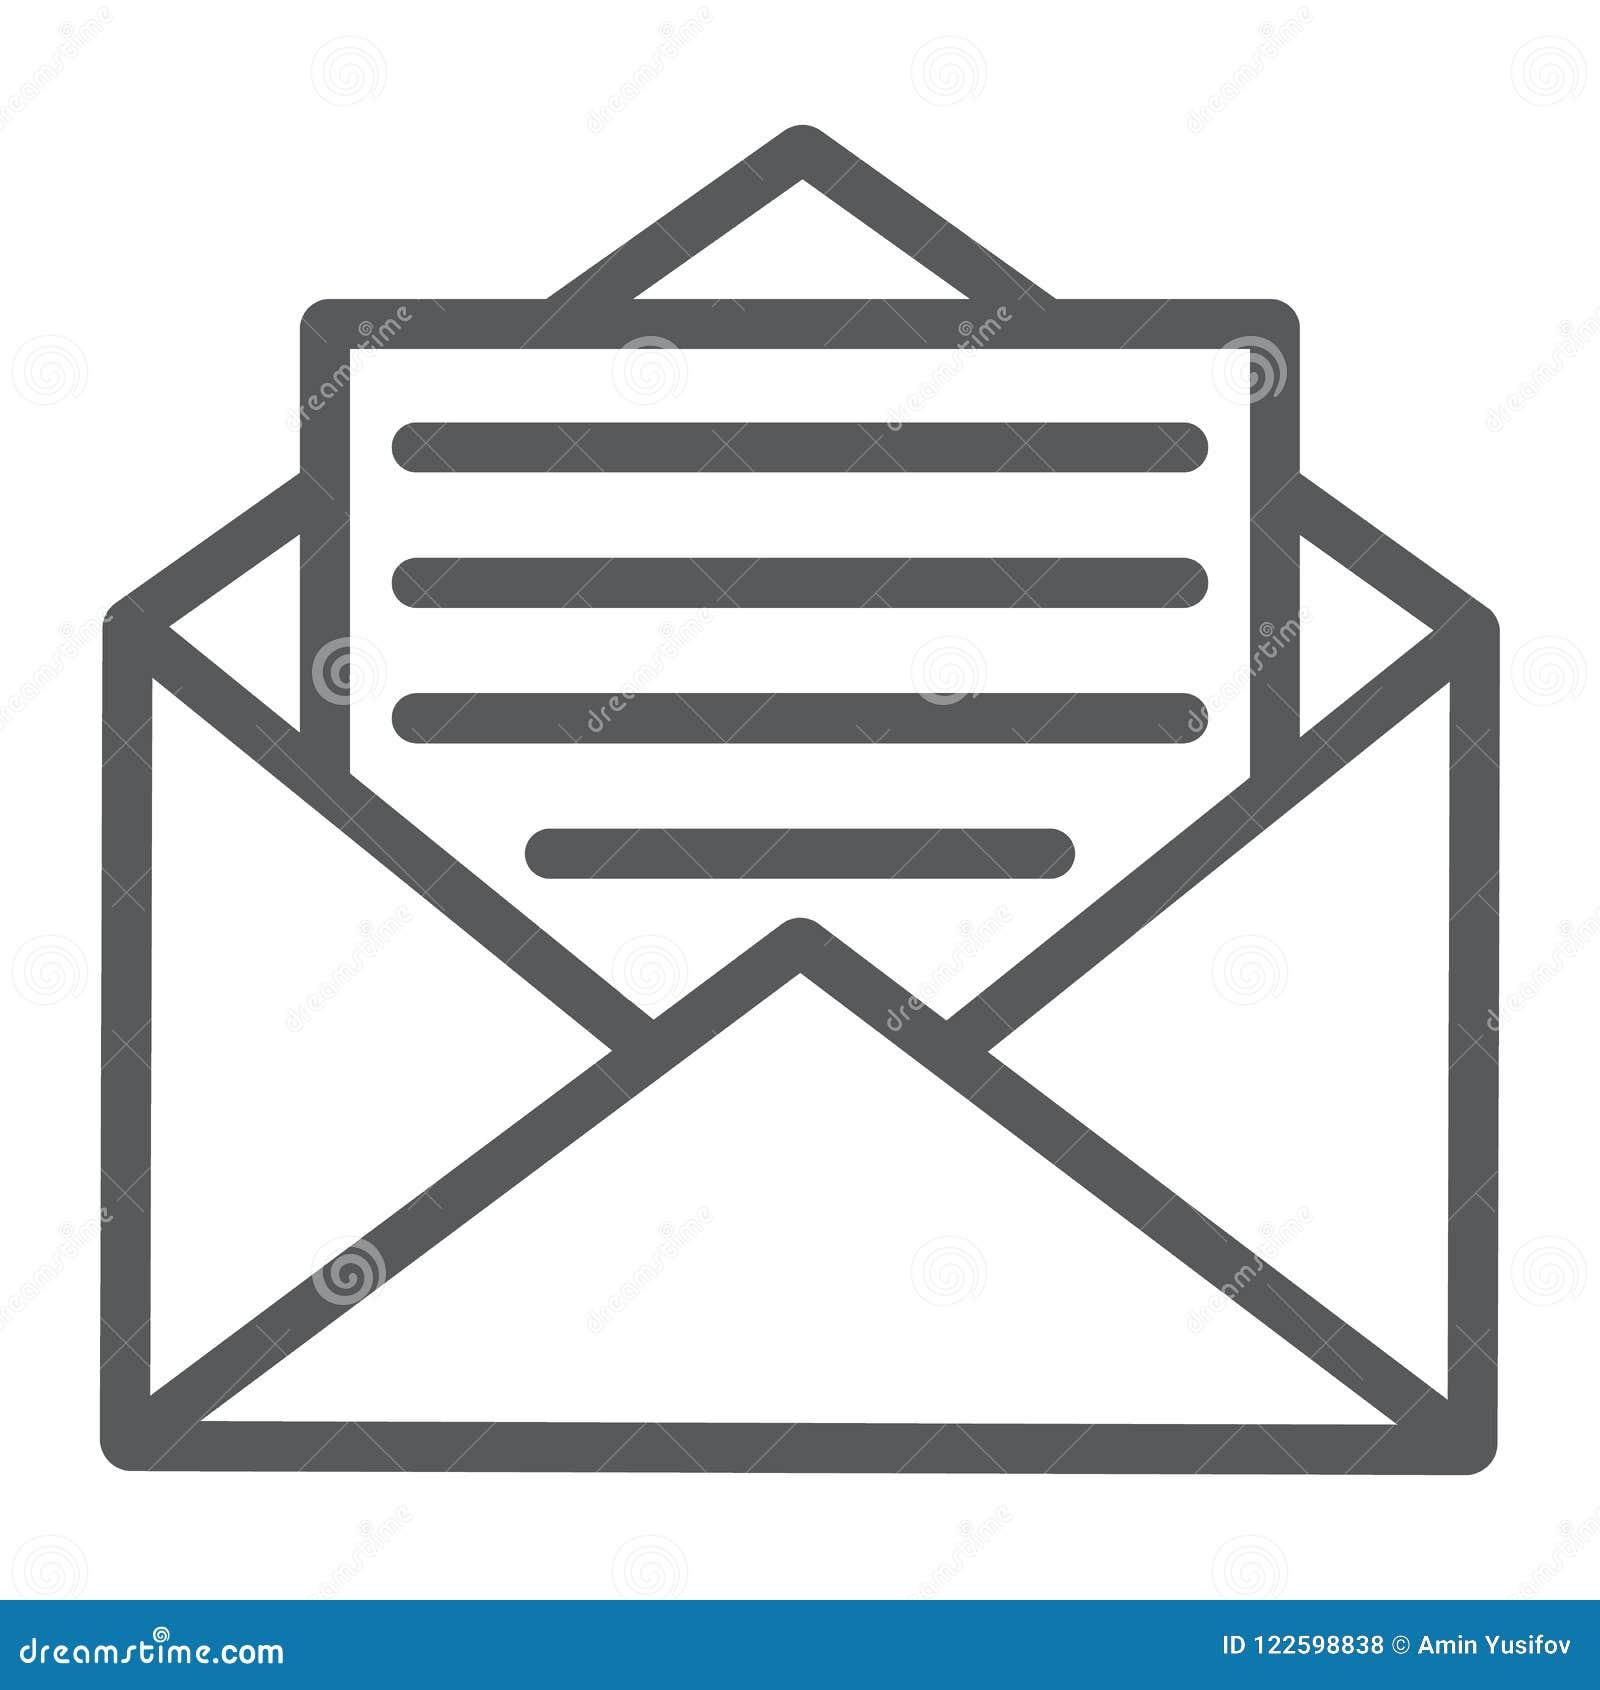 Ανοικτοί εικονίδιο γραμμών ταχυδρομείου, φάκελος και γράμμα, ηλεκτρονικό ταχυδρομείο